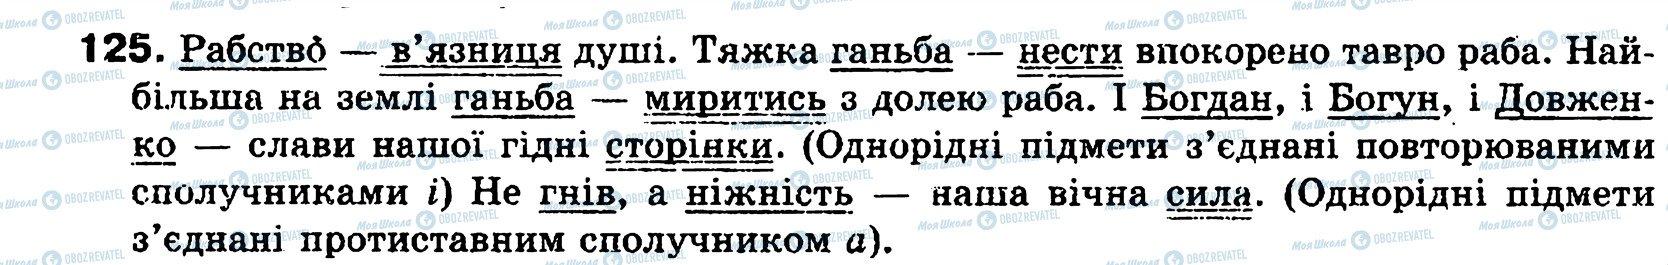 ГДЗ Українська мова 8 клас сторінка 125